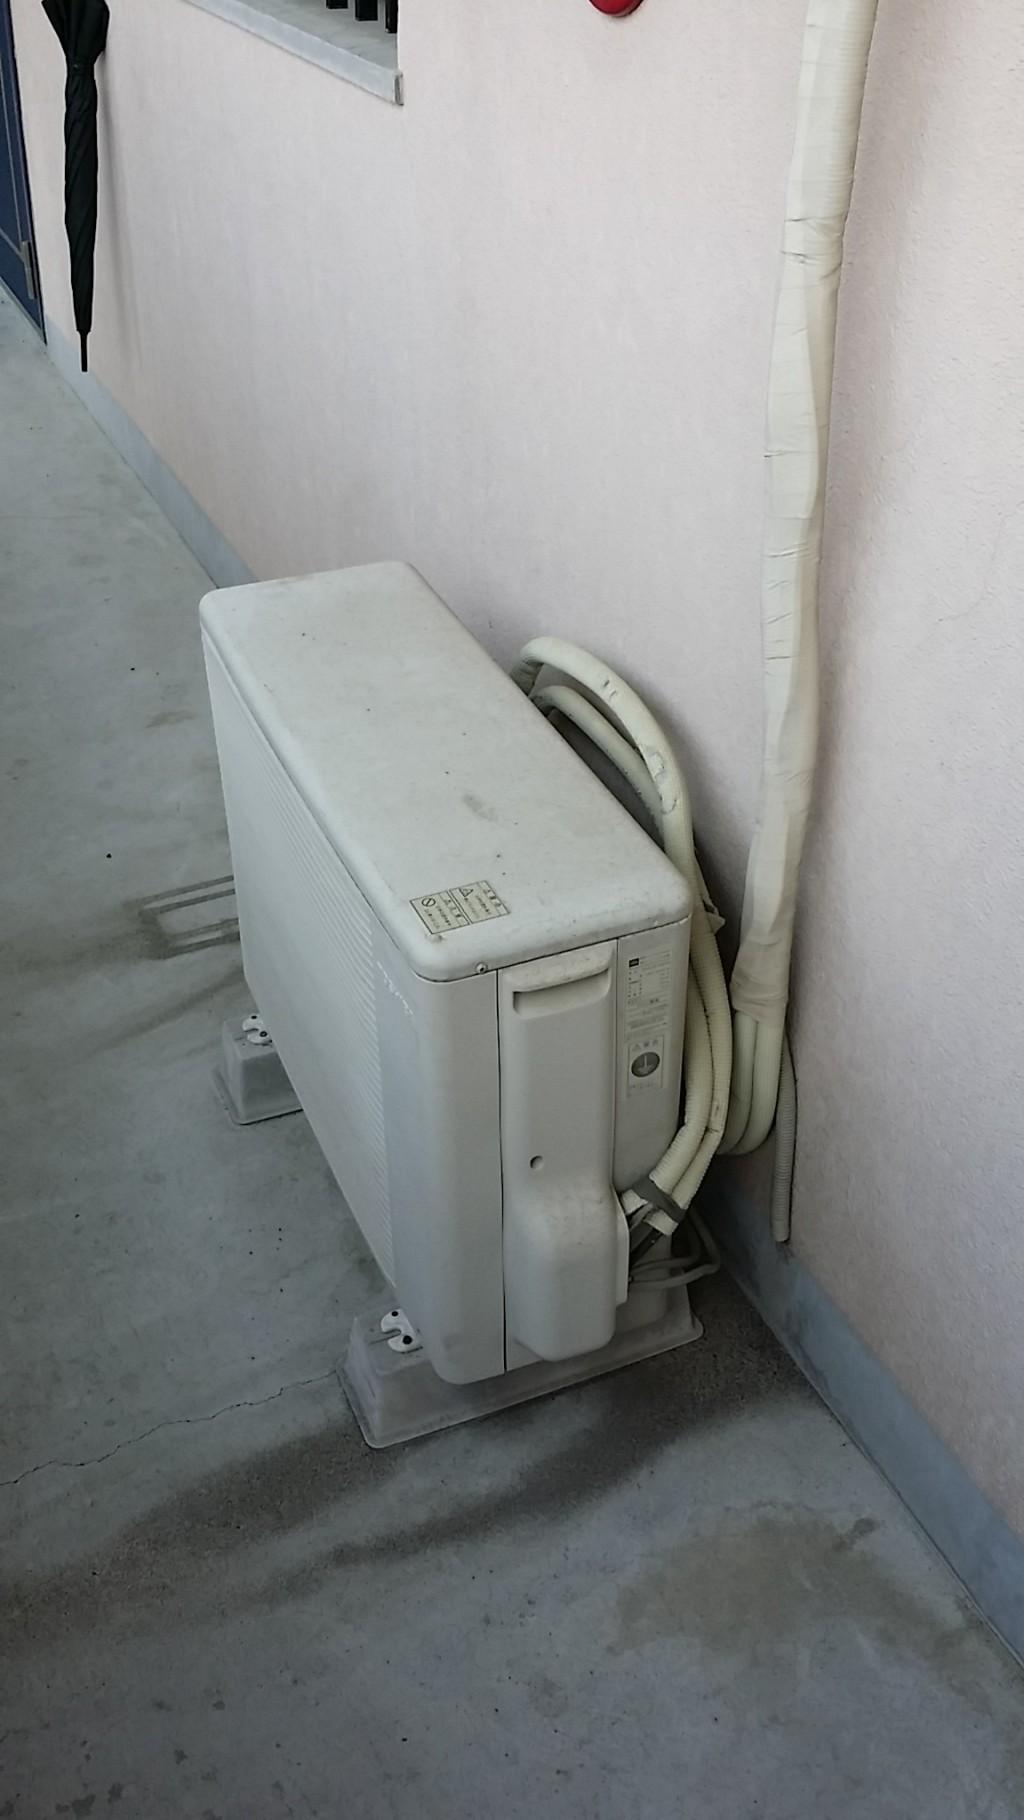 【垂水市】エアコンの取り外しと回収・処分のご依頼 お客様の声